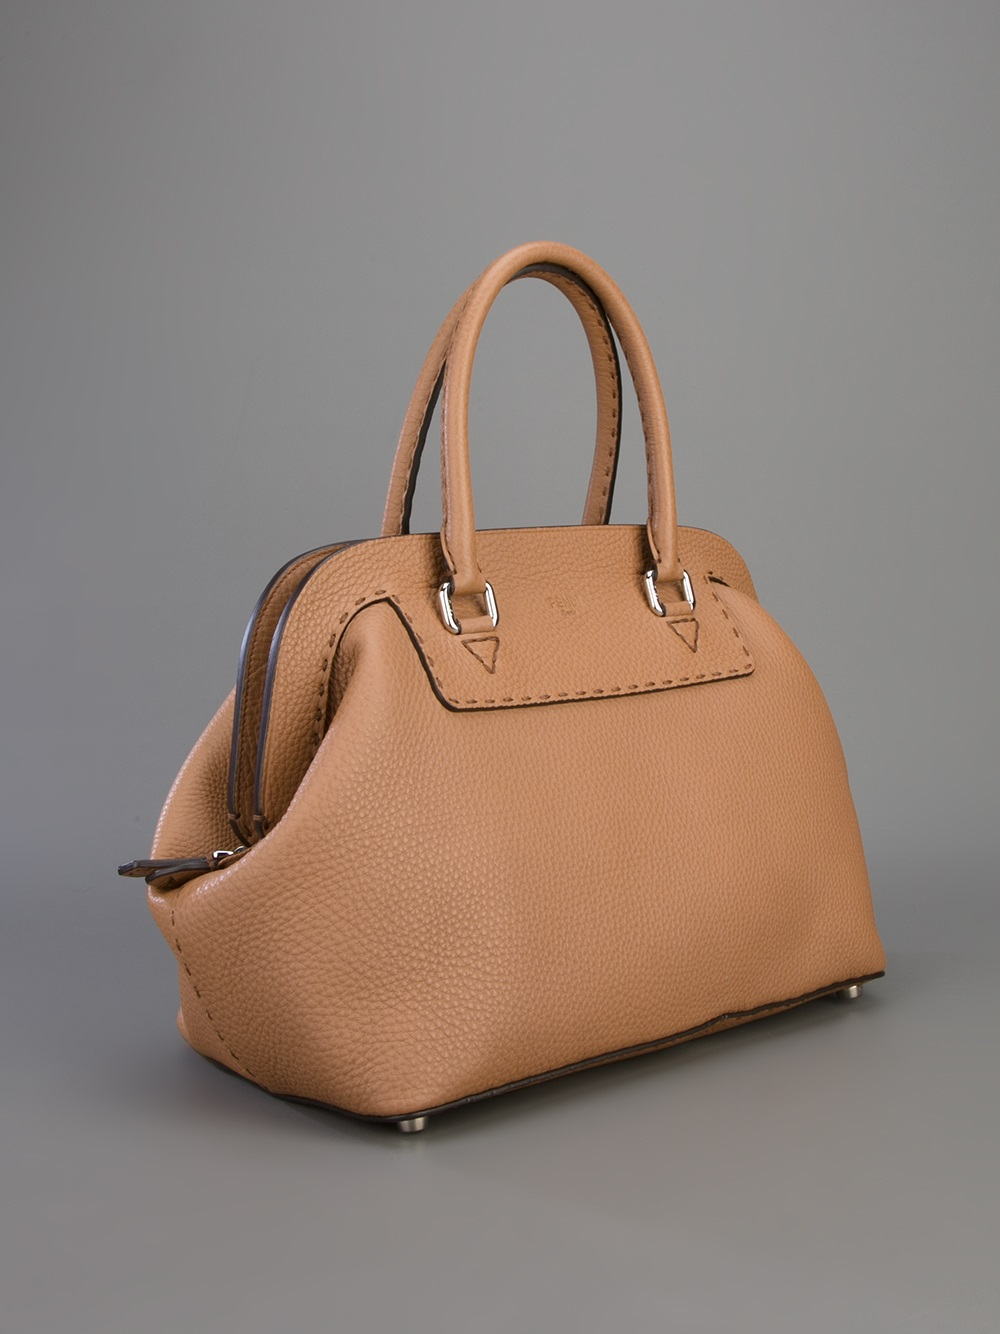 7aabc5509264 Lyst - Fendi Selleria Frame Tote Bag in Brown